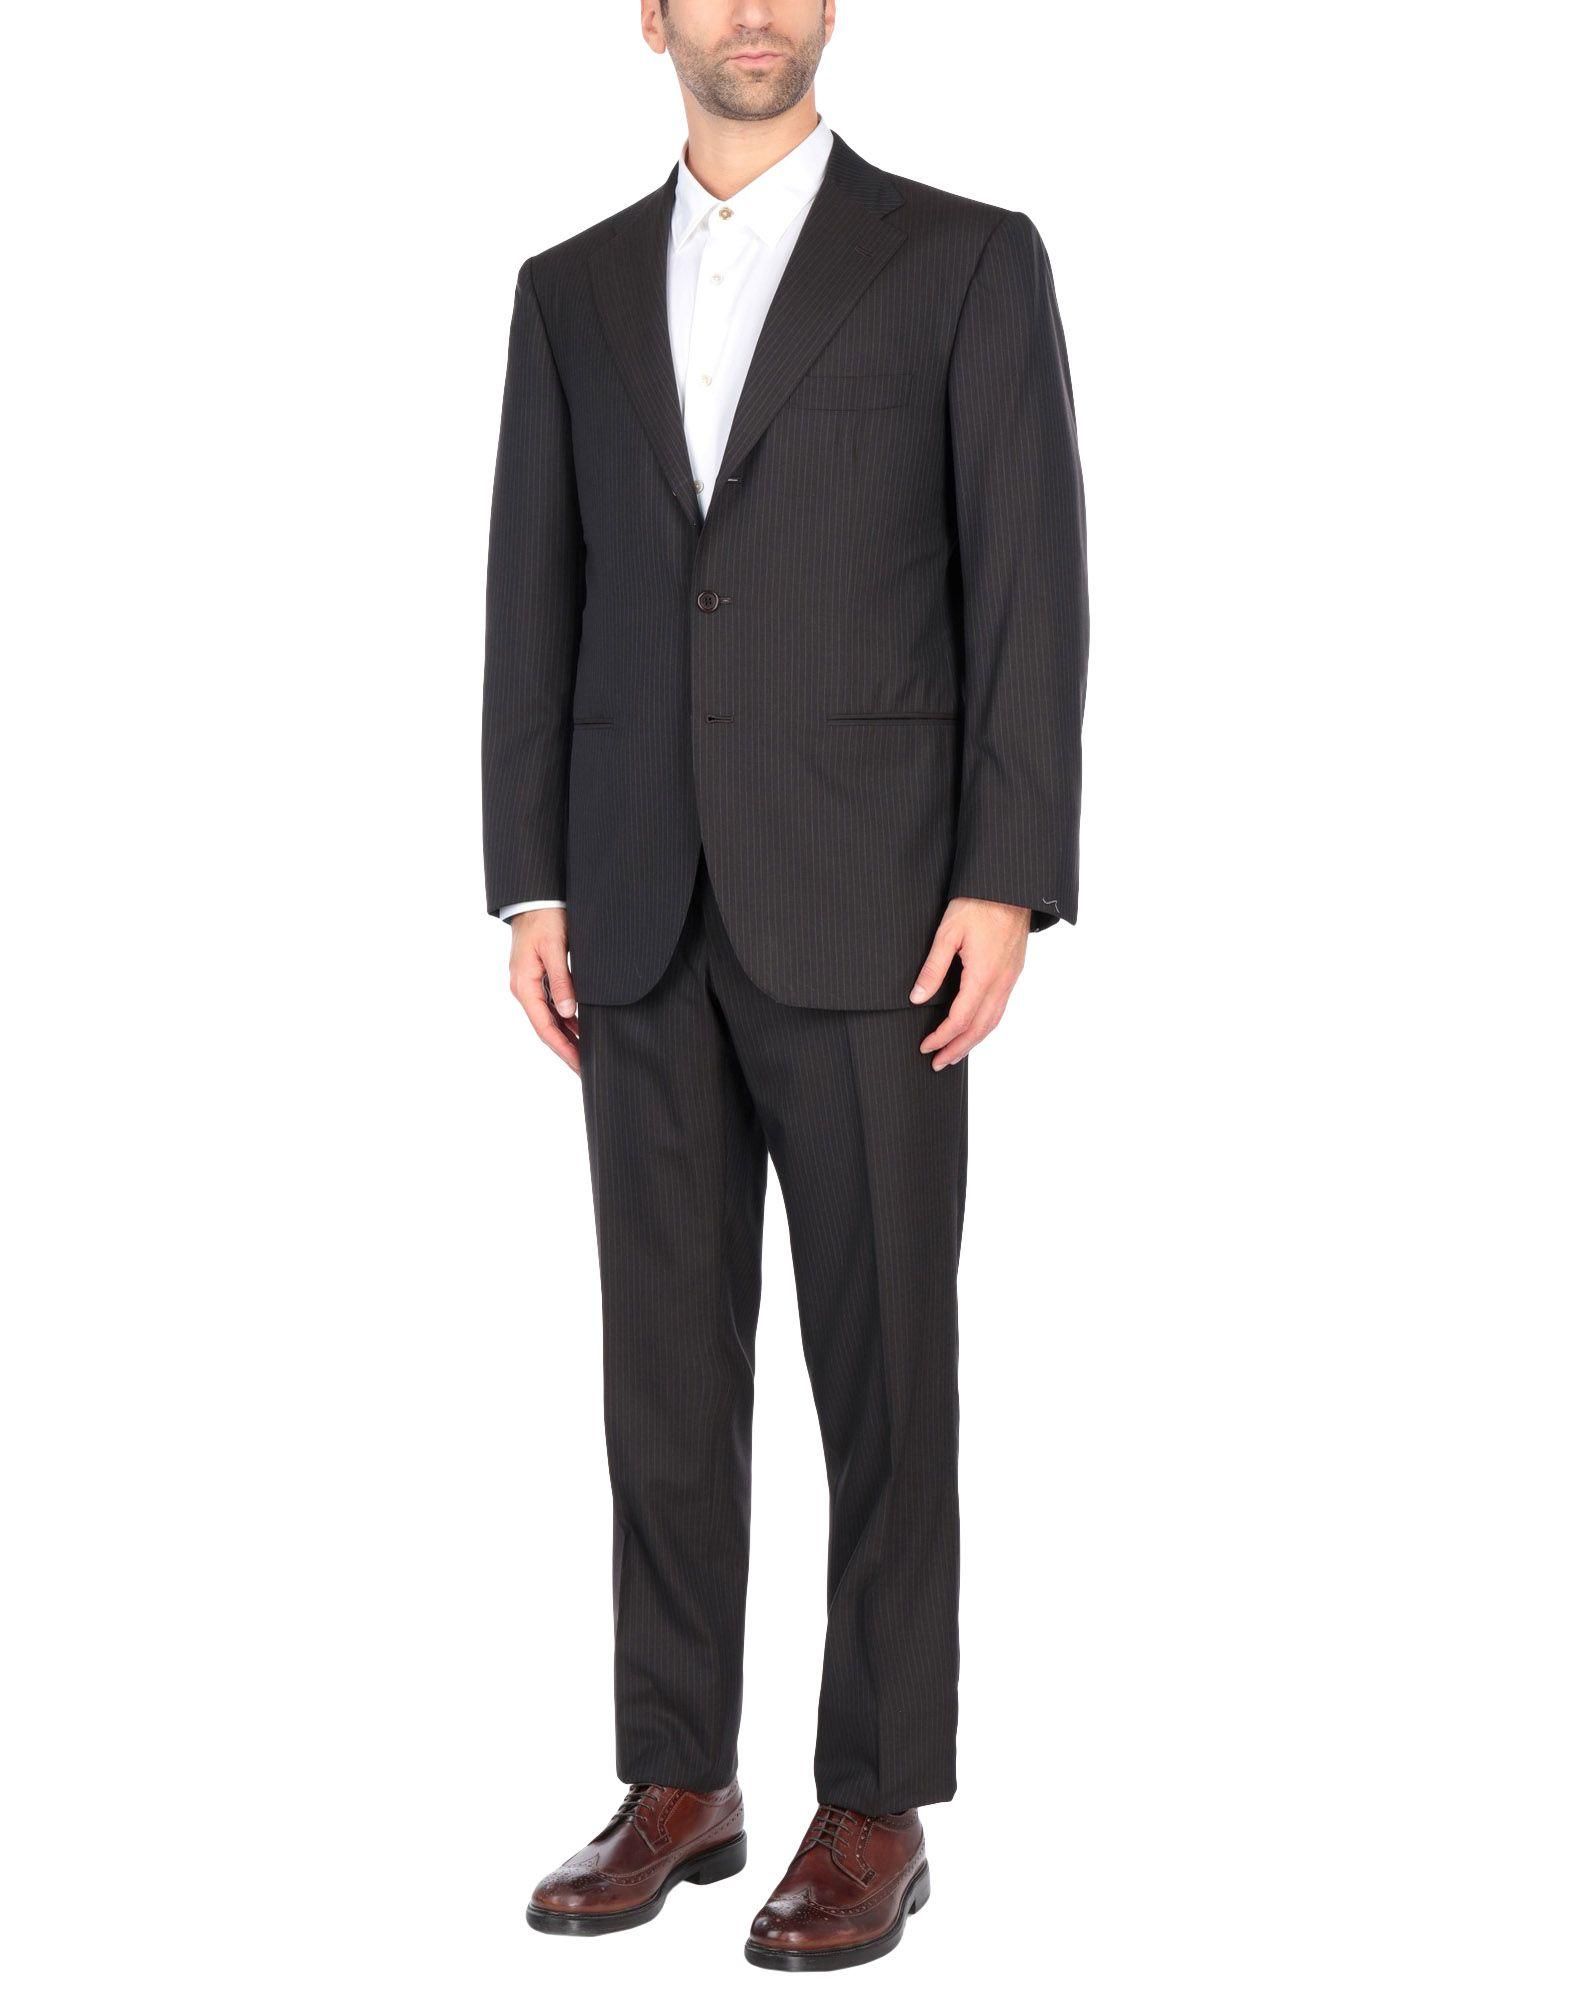 《送料無料》SARTORIO メンズ スーツ ダークブラウン 50 ウール 100%